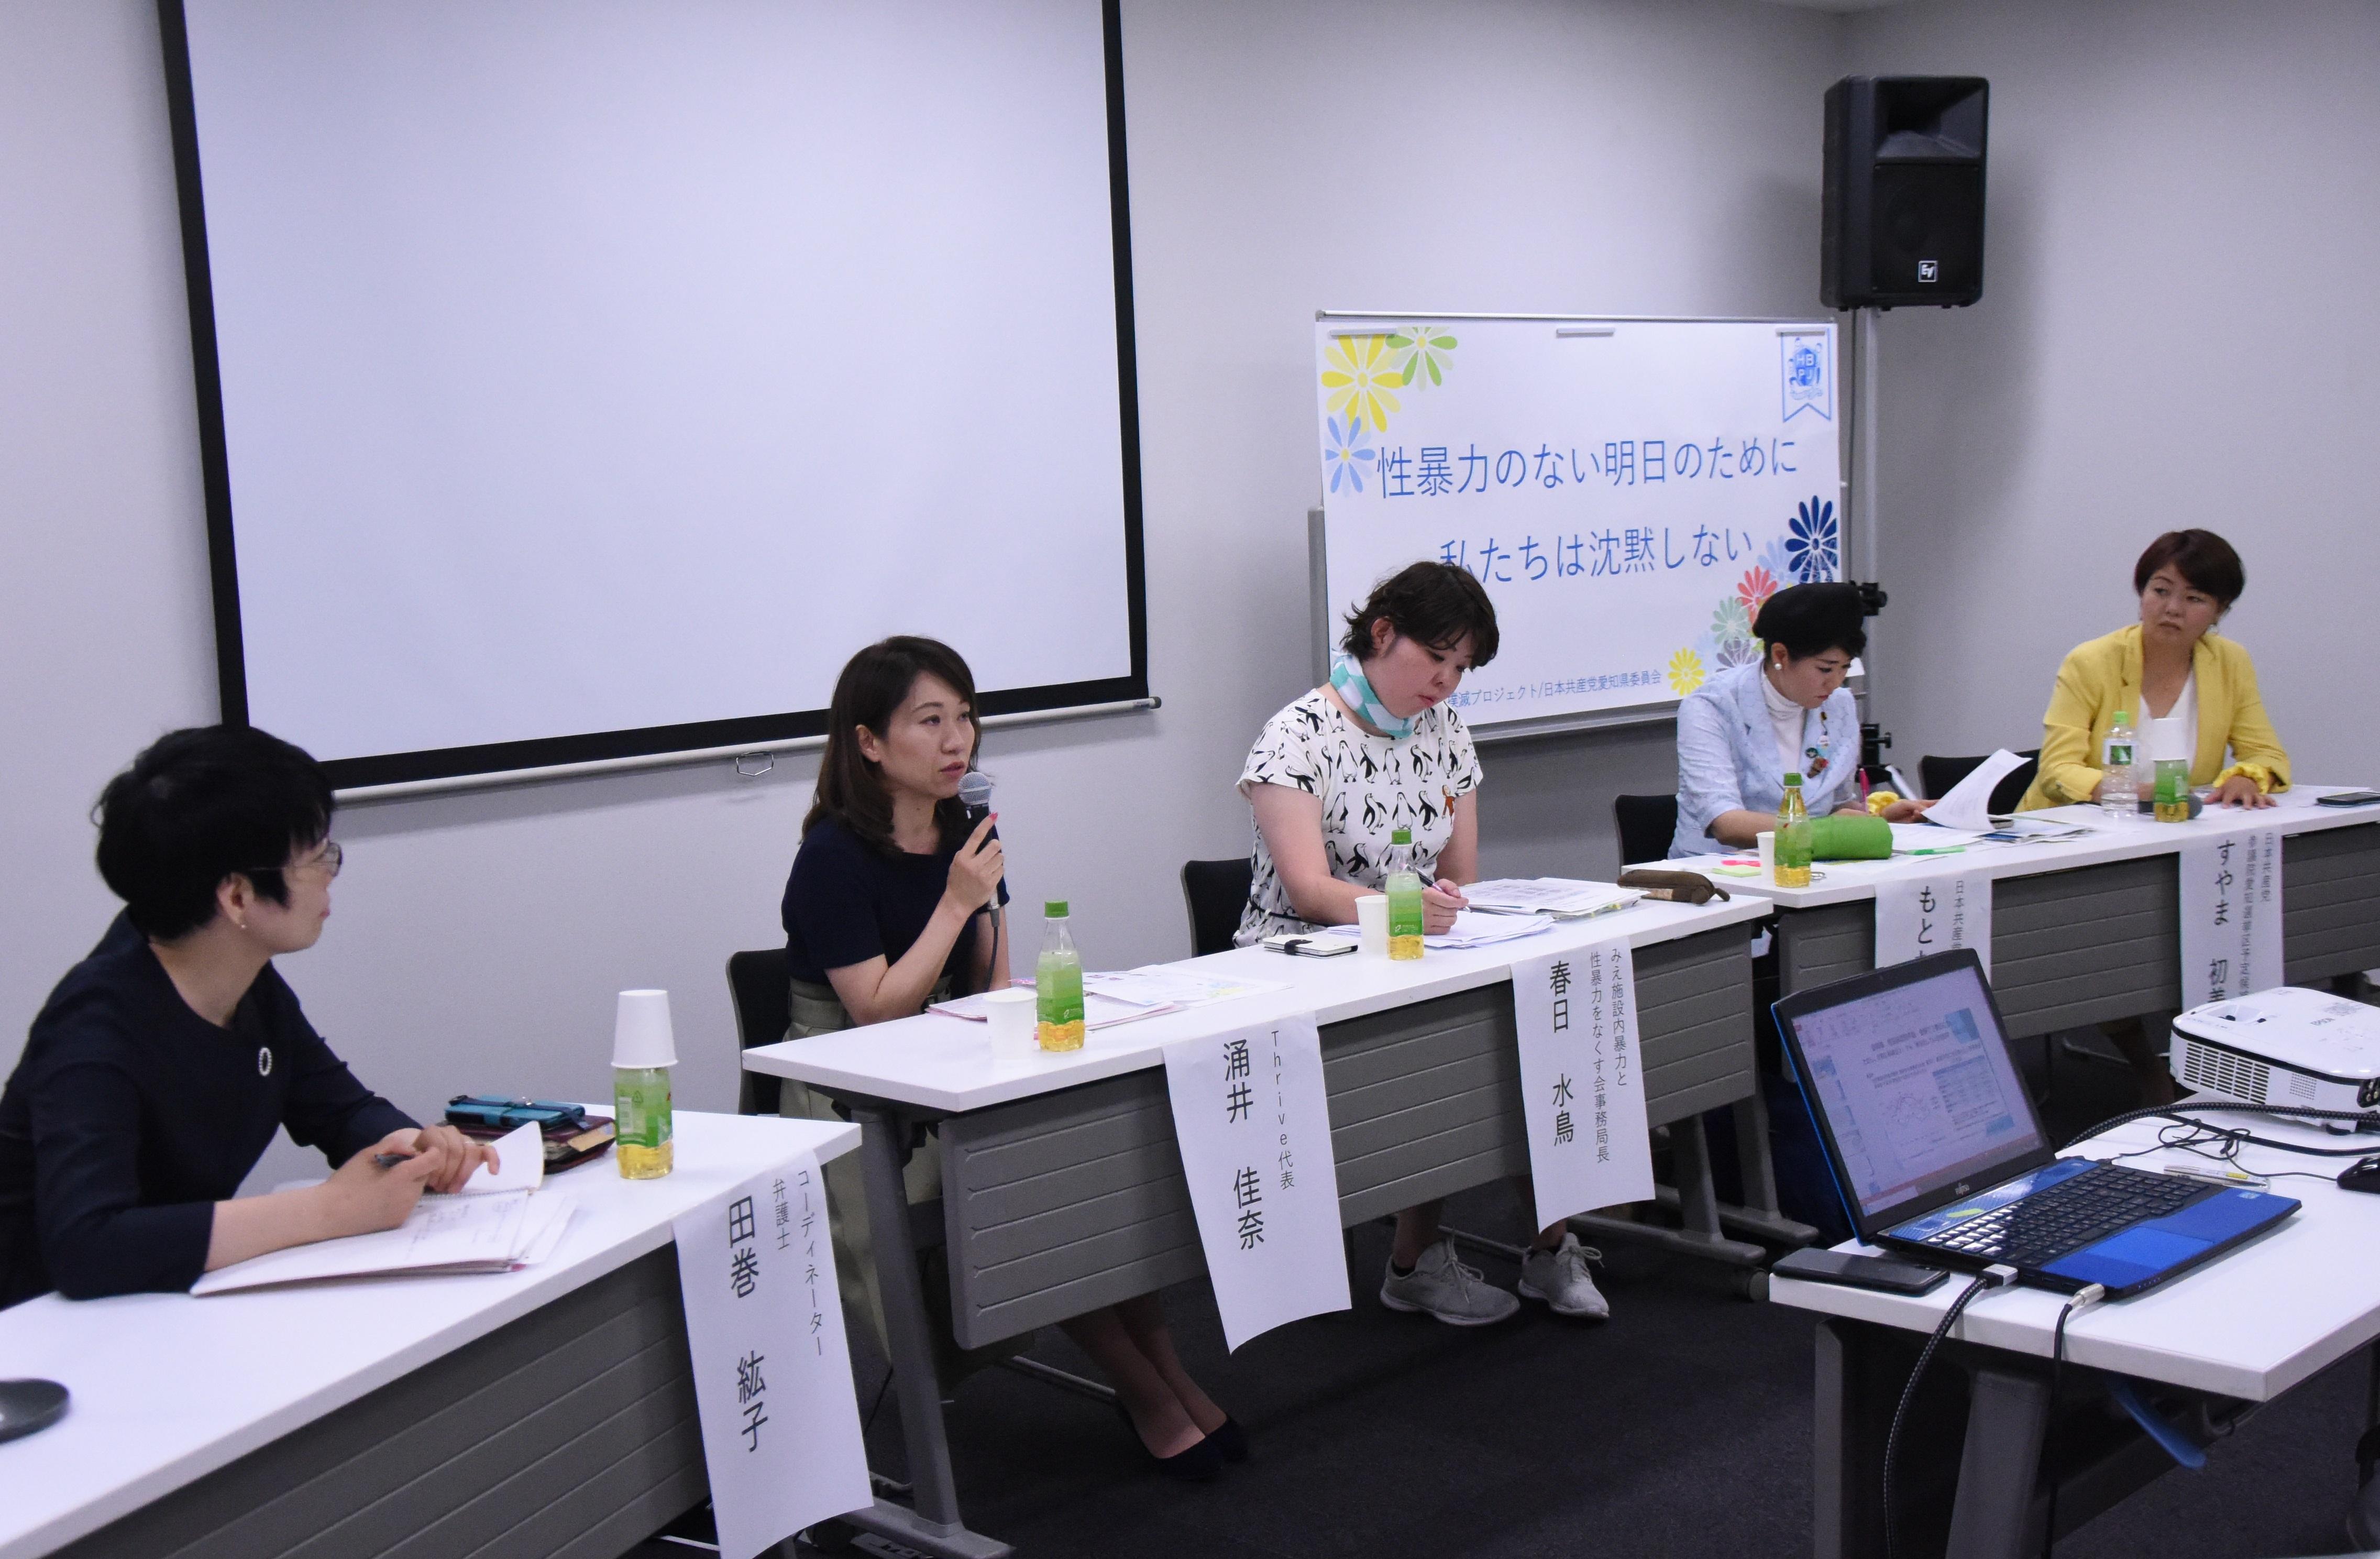 愛知「ハラスメント撲滅プロジェクト」初トーク集会 2019年6月2日